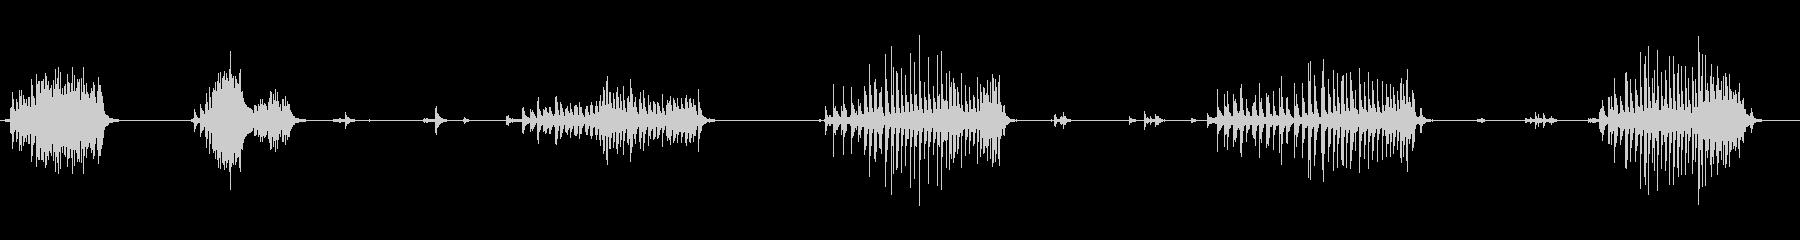 ワークベンチ、メタルチェーン、フッ...の未再生の波形